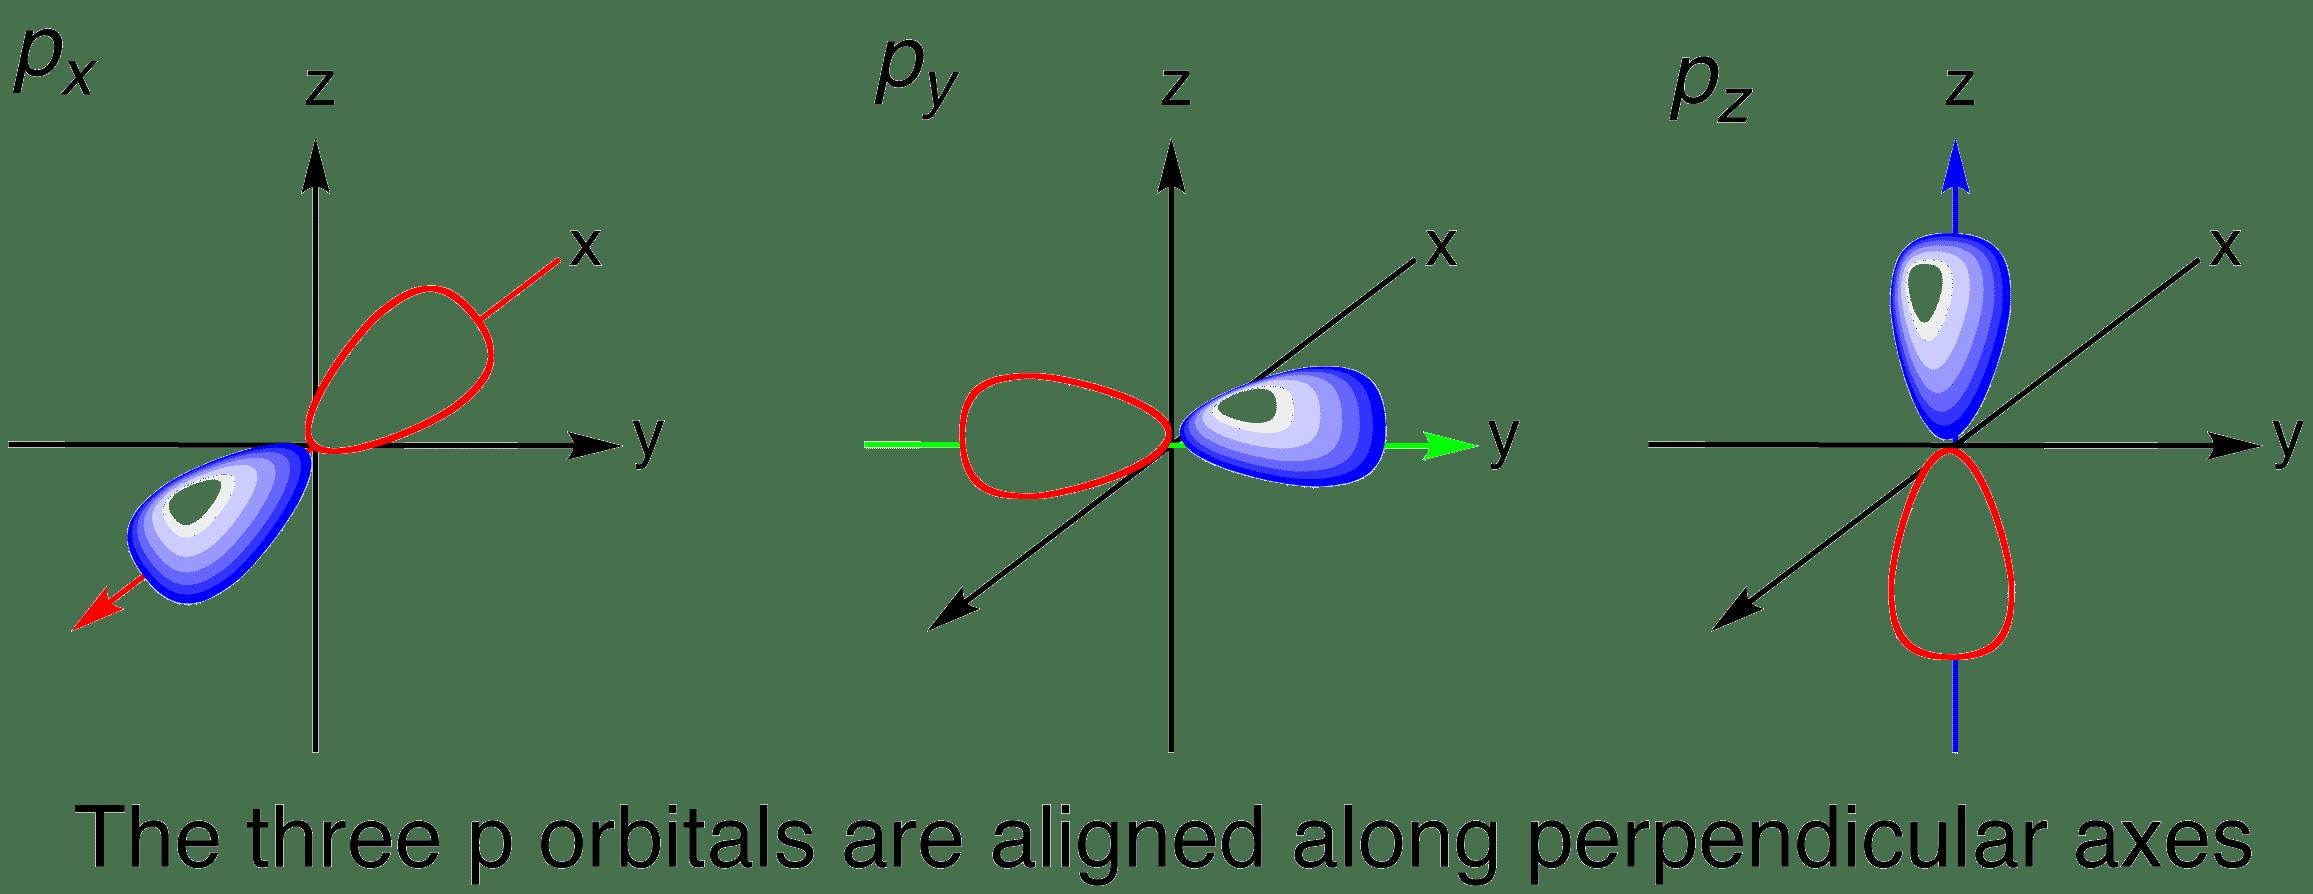 P Orbital Diagram Wiring Diagram Site